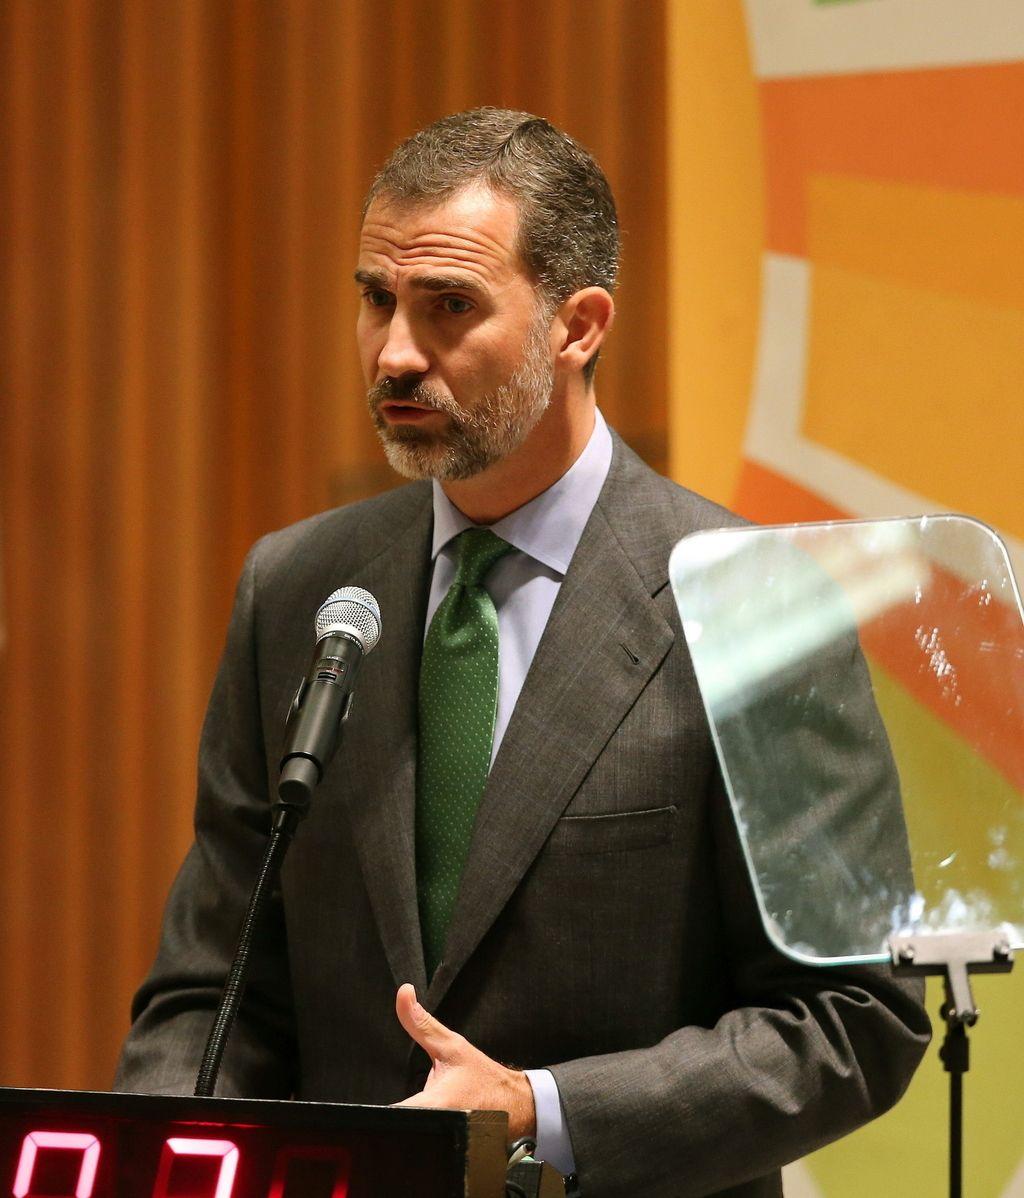 Felipe VI durante su intervención en la Cumbre del Clima en la Asamblea General de la ONU